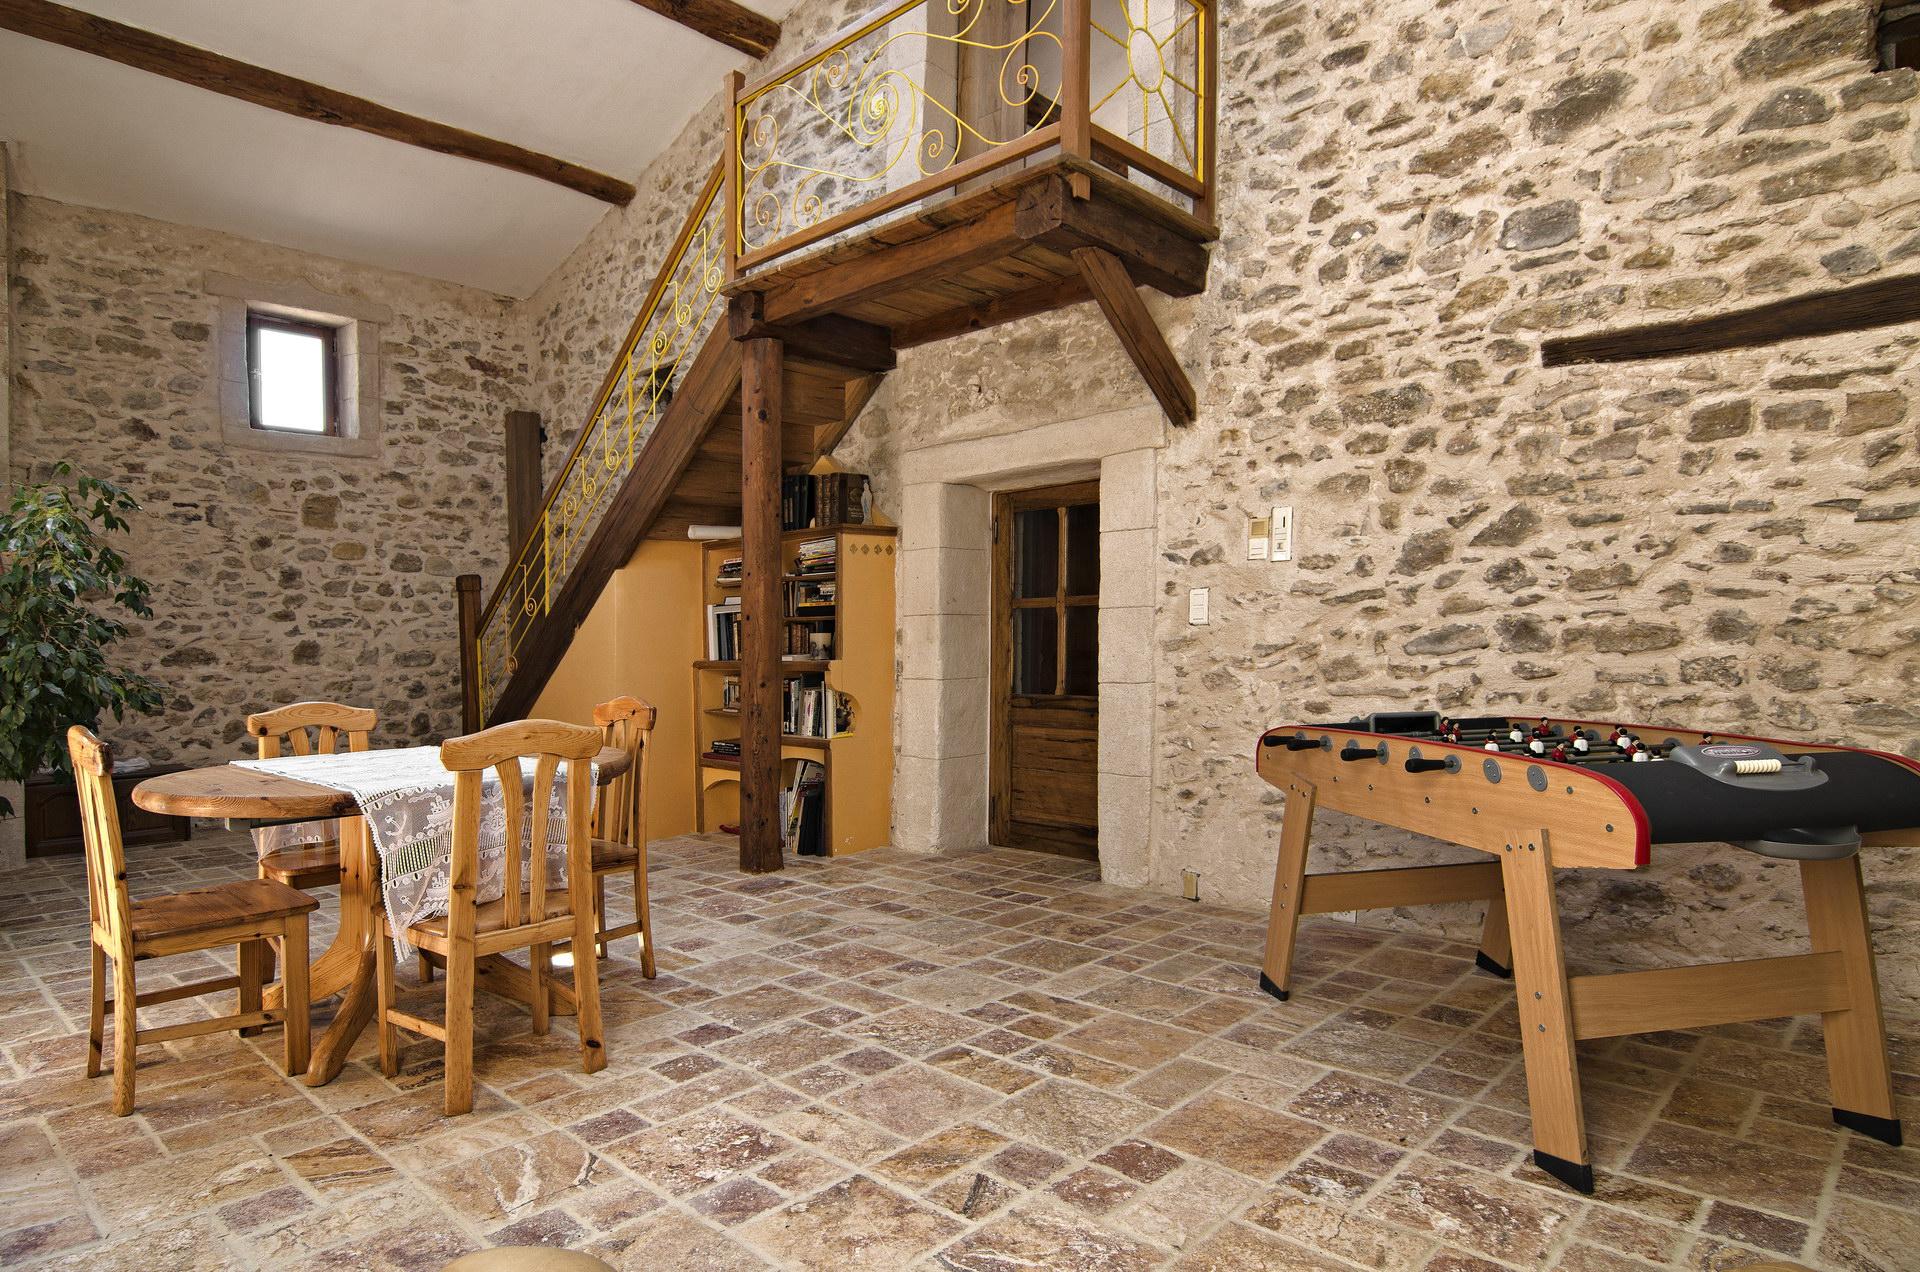 Fontaine Neuve gites et chambres d'hôtes à Lure : espace détente commun abrité